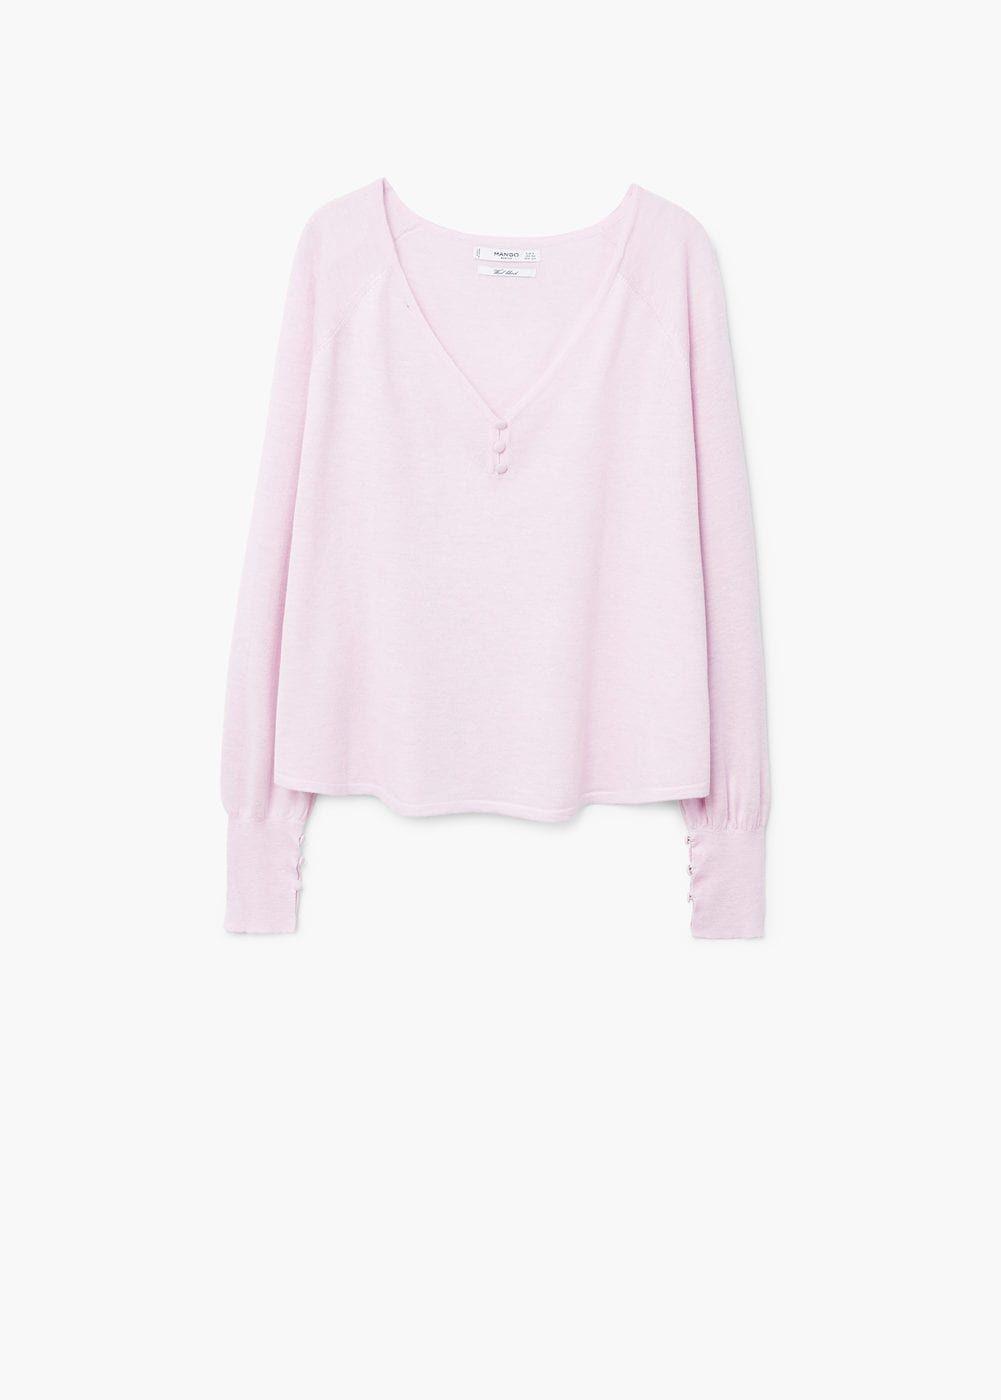 Pullover mit v-ausschnitt - Damen   FS Wishlist   Pinterest 25b9e98b17